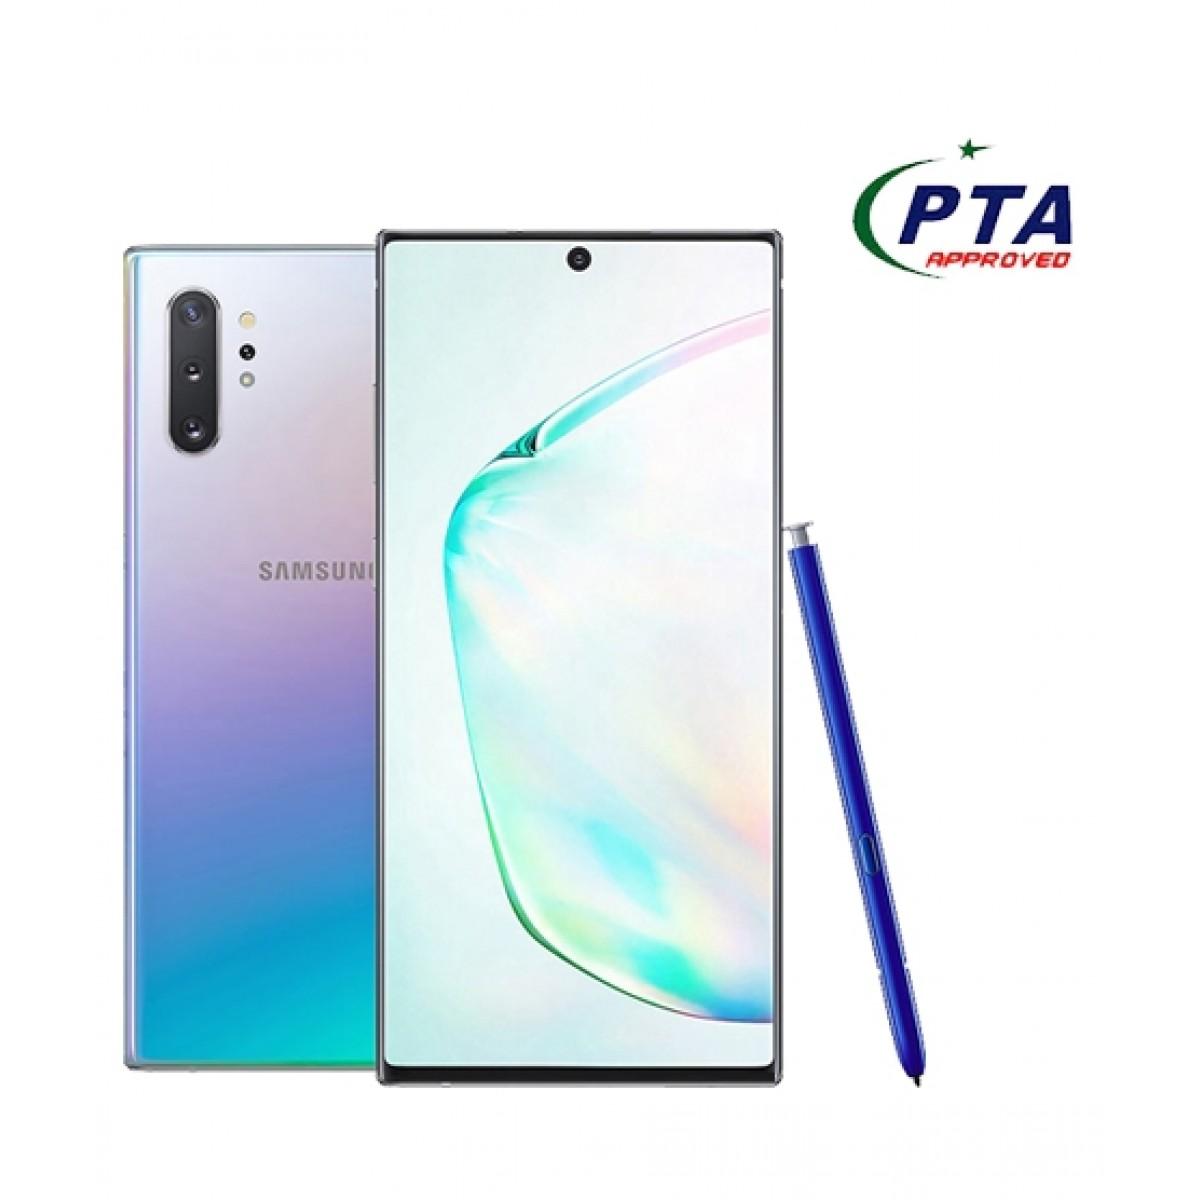 Samsung Galaxy Note 10+ 256GB 12GB Dual Sim Aura Glow - Official Warranty